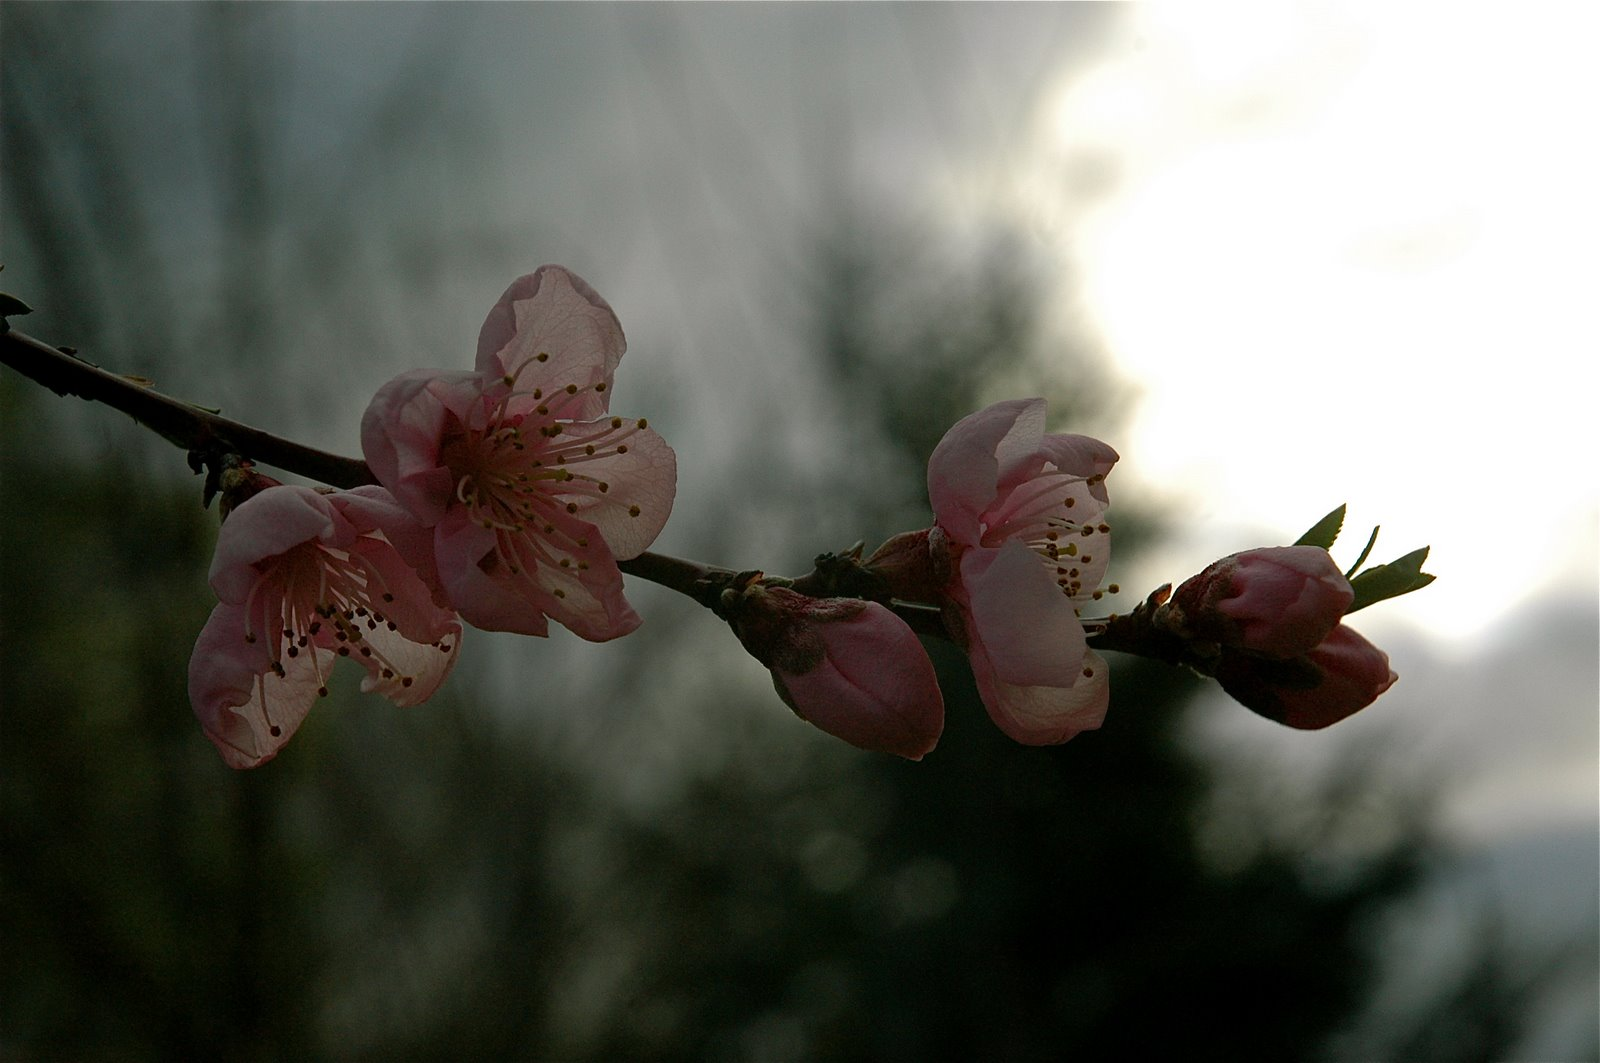 http://3.bp.blogspot.com/_V1au4huIbYA/SfdIAYOkqZI/AAAAAAAAISs/UNUg0QsZeIE/s1600/DSC_0183.JPG